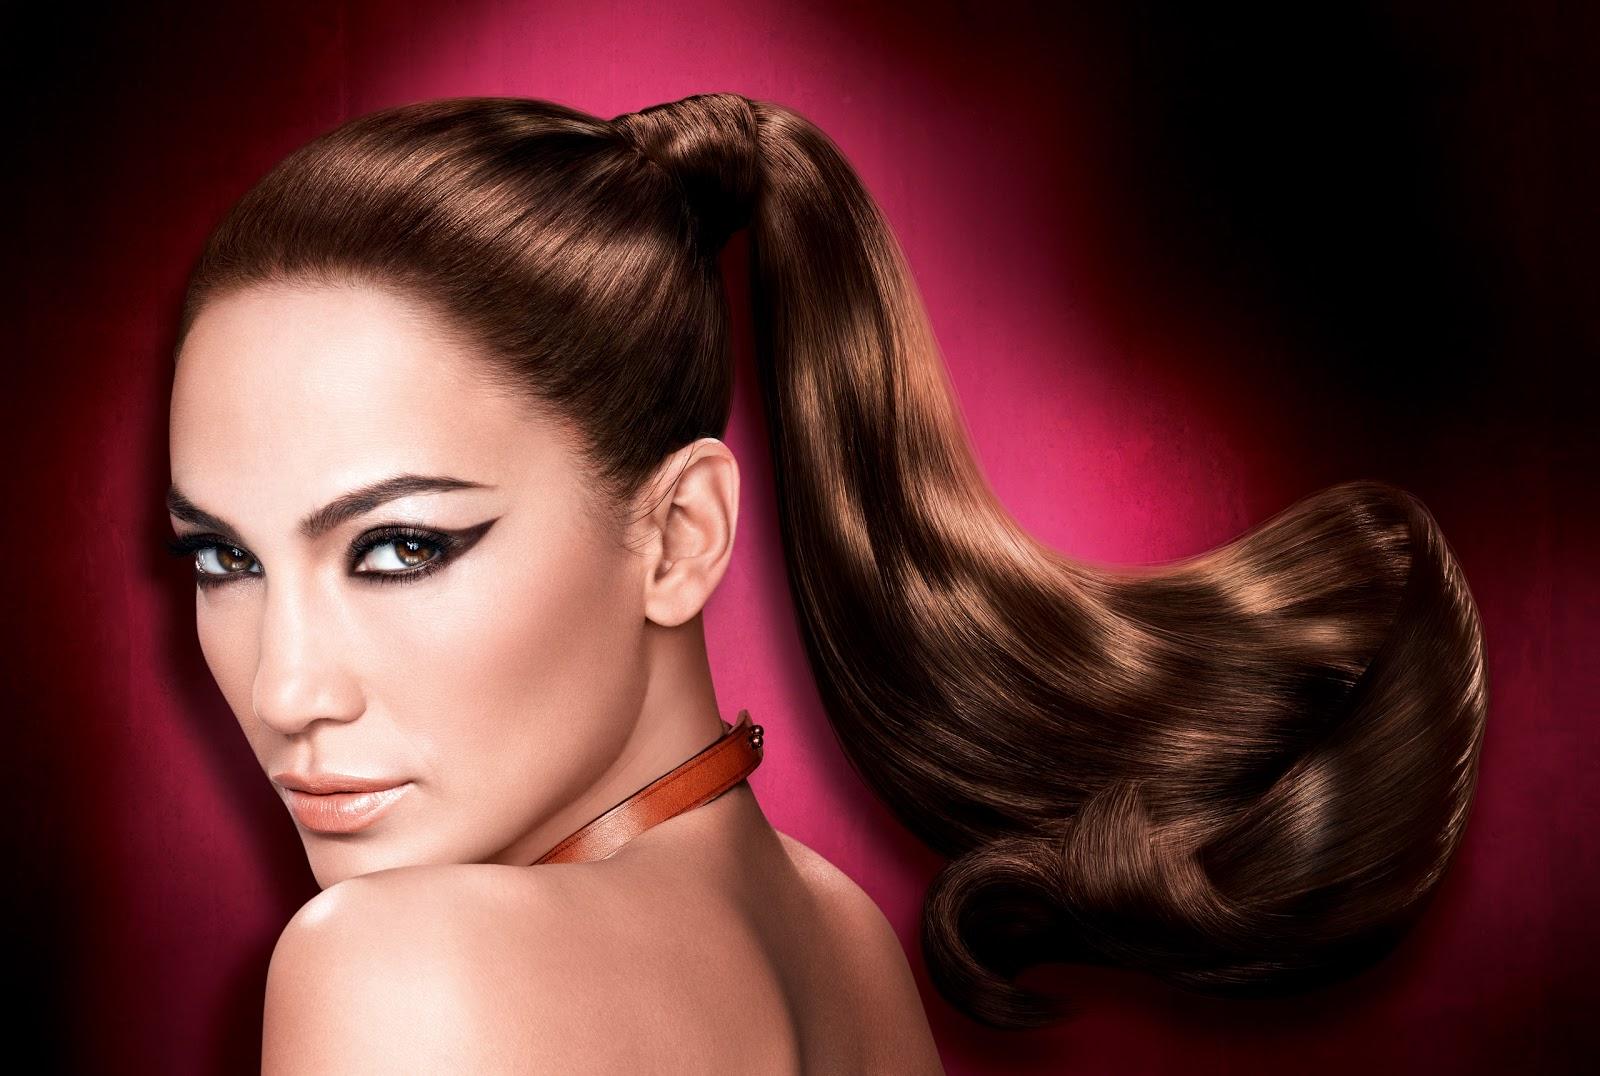 http://3.bp.blogspot.com/-IPj01f_zW0w/TqGHeYLHr6I/AAAAAAAACdo/bZhLRi58HzA/s1600/Jennifer+Lopez.jpg